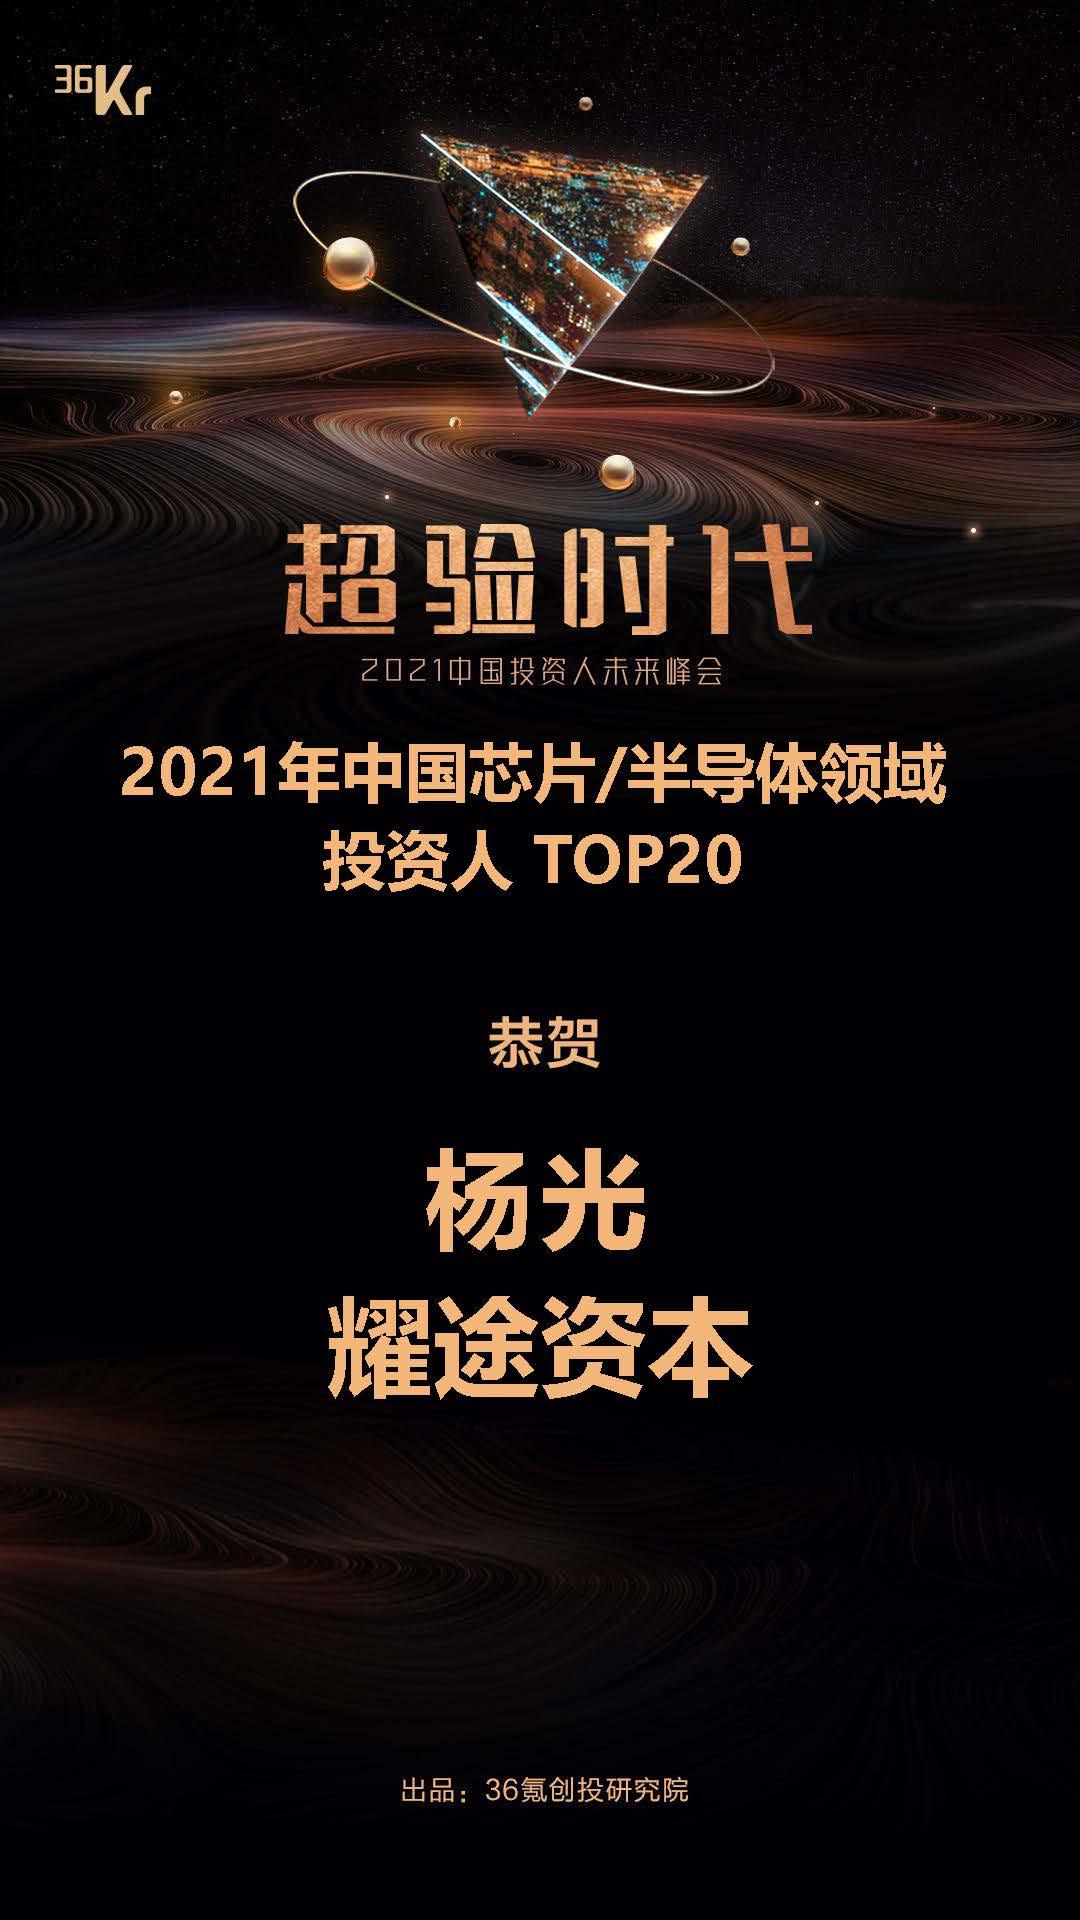 2021年中国芯片半导体领域投资人 TOP20.jpg